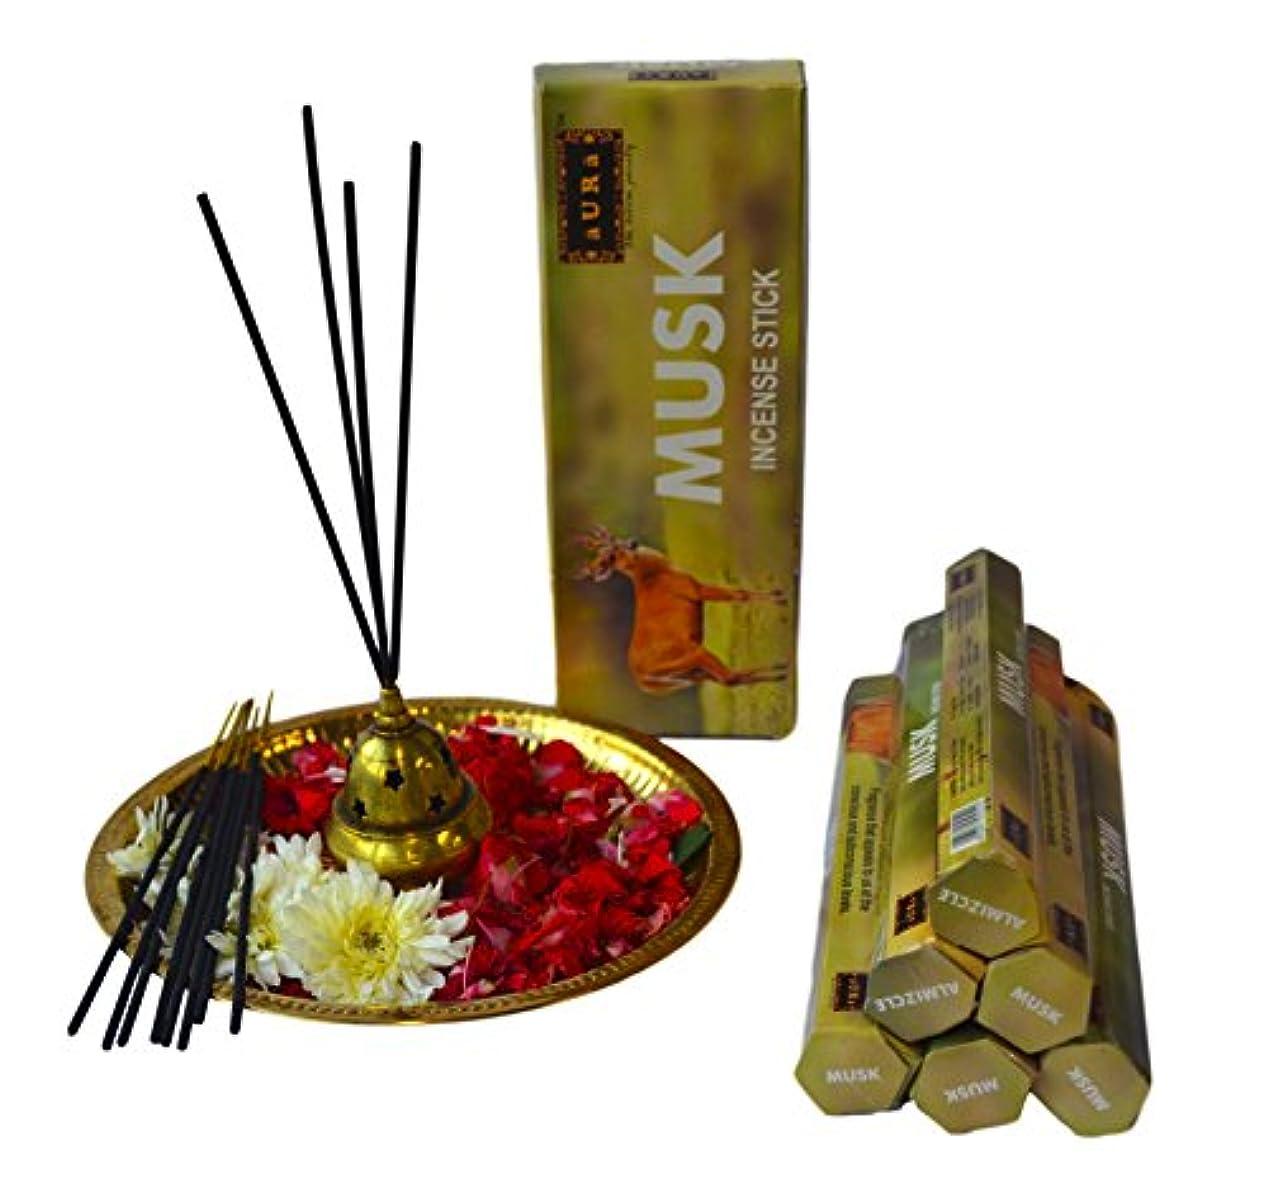 研究所空港鎮痛剤オーラムスクの香りお香、プレミアム天然Incense Sticks、六角packing-120 Sticks